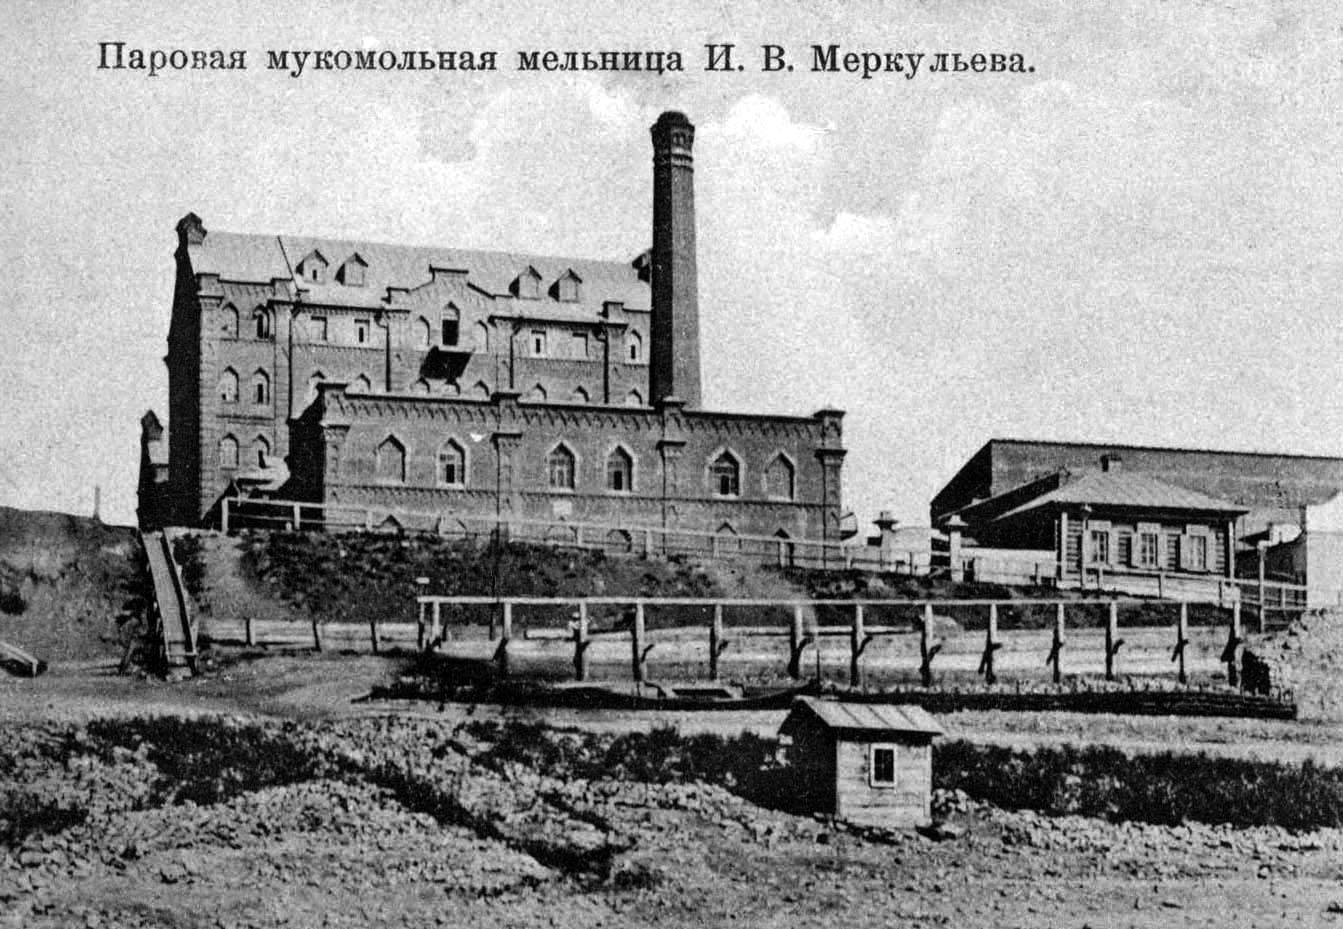 Мельница купца И.В. Меркульева